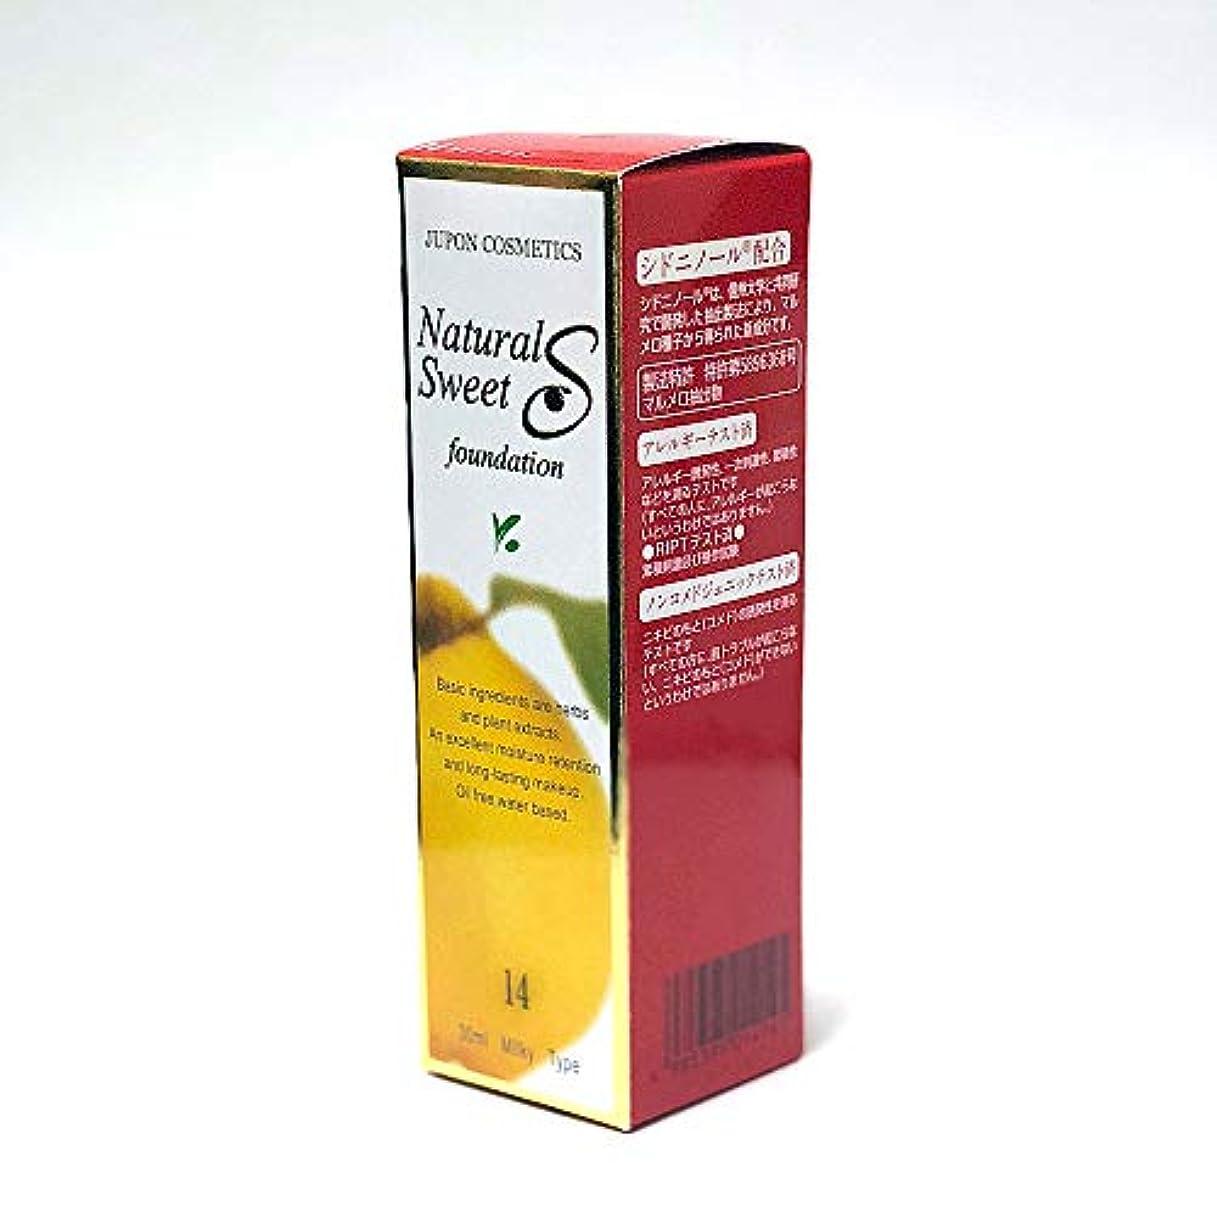 ファンシー明らかにするピン皮膚が呼吸する 美容液ベースの水溶性ファンデ?ナチュラルスィート ファンデーションS 14(ライトブラウン)